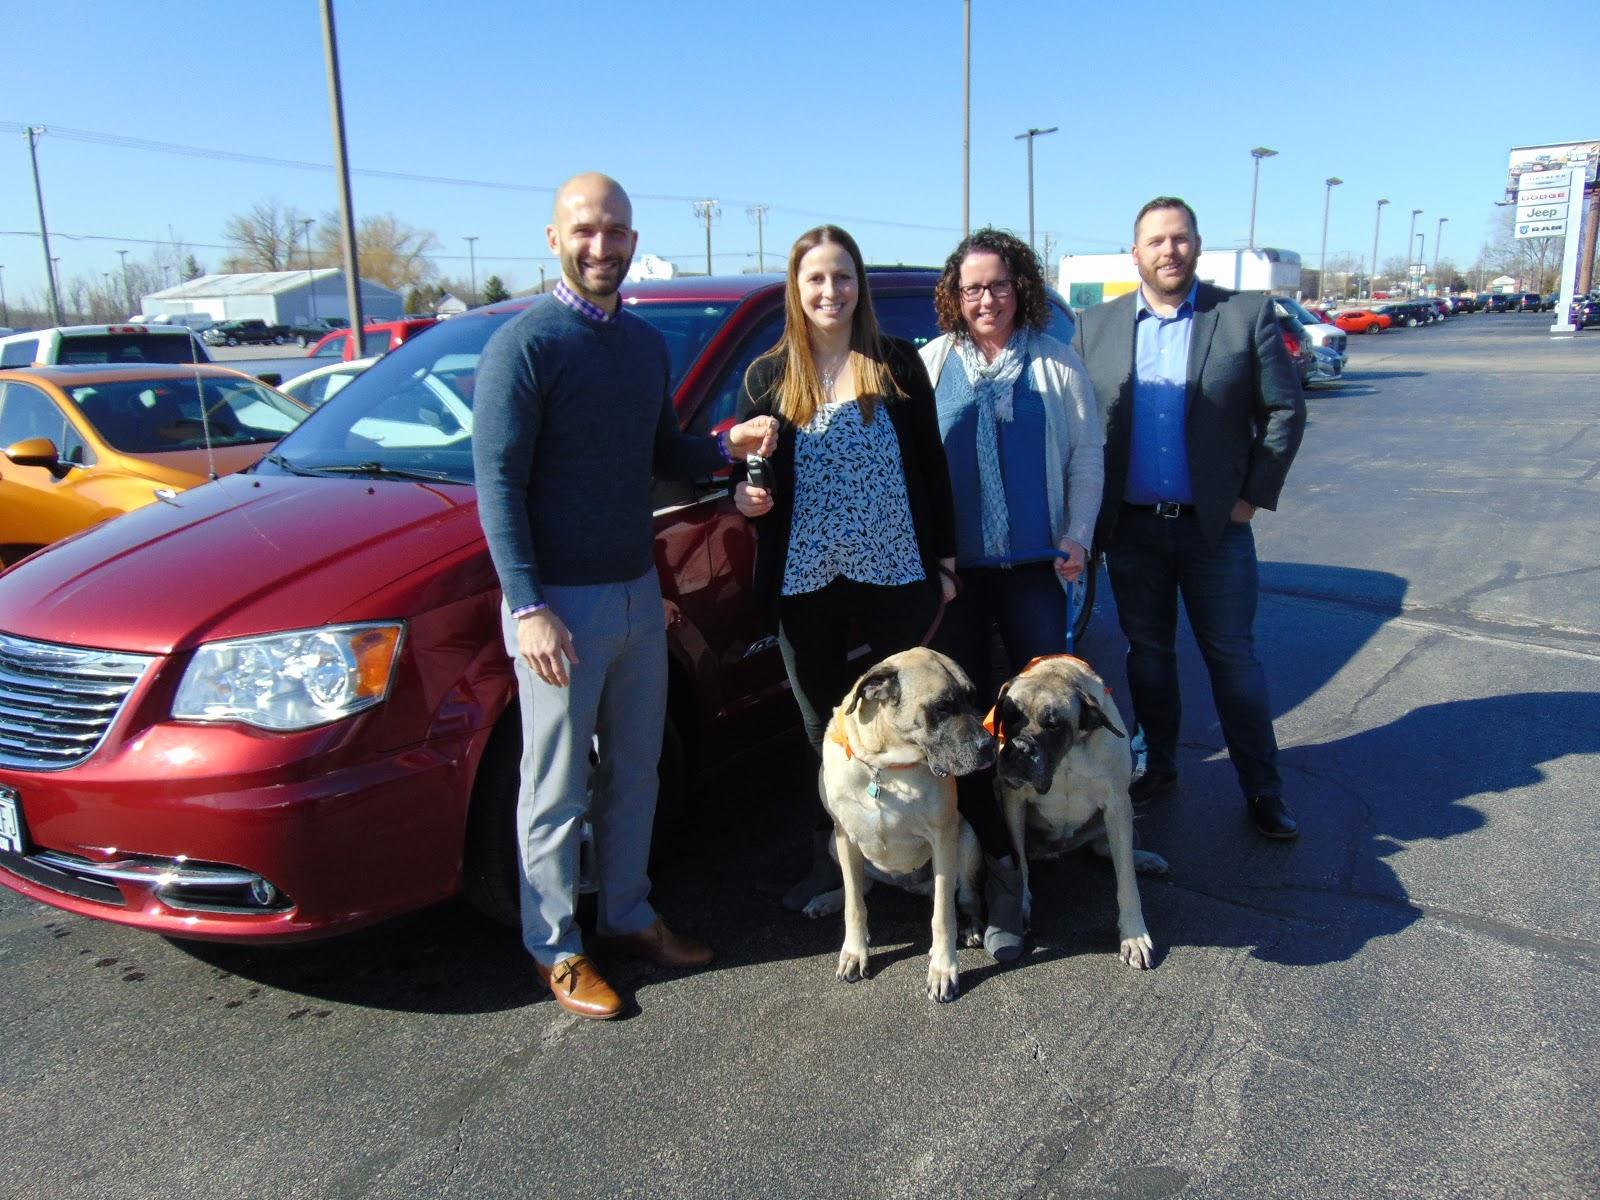 Sheboygan County Budget Auto >> Van Horn Auto Group Blog: Van Horn Donates Van to Sheboygan County Humane Society